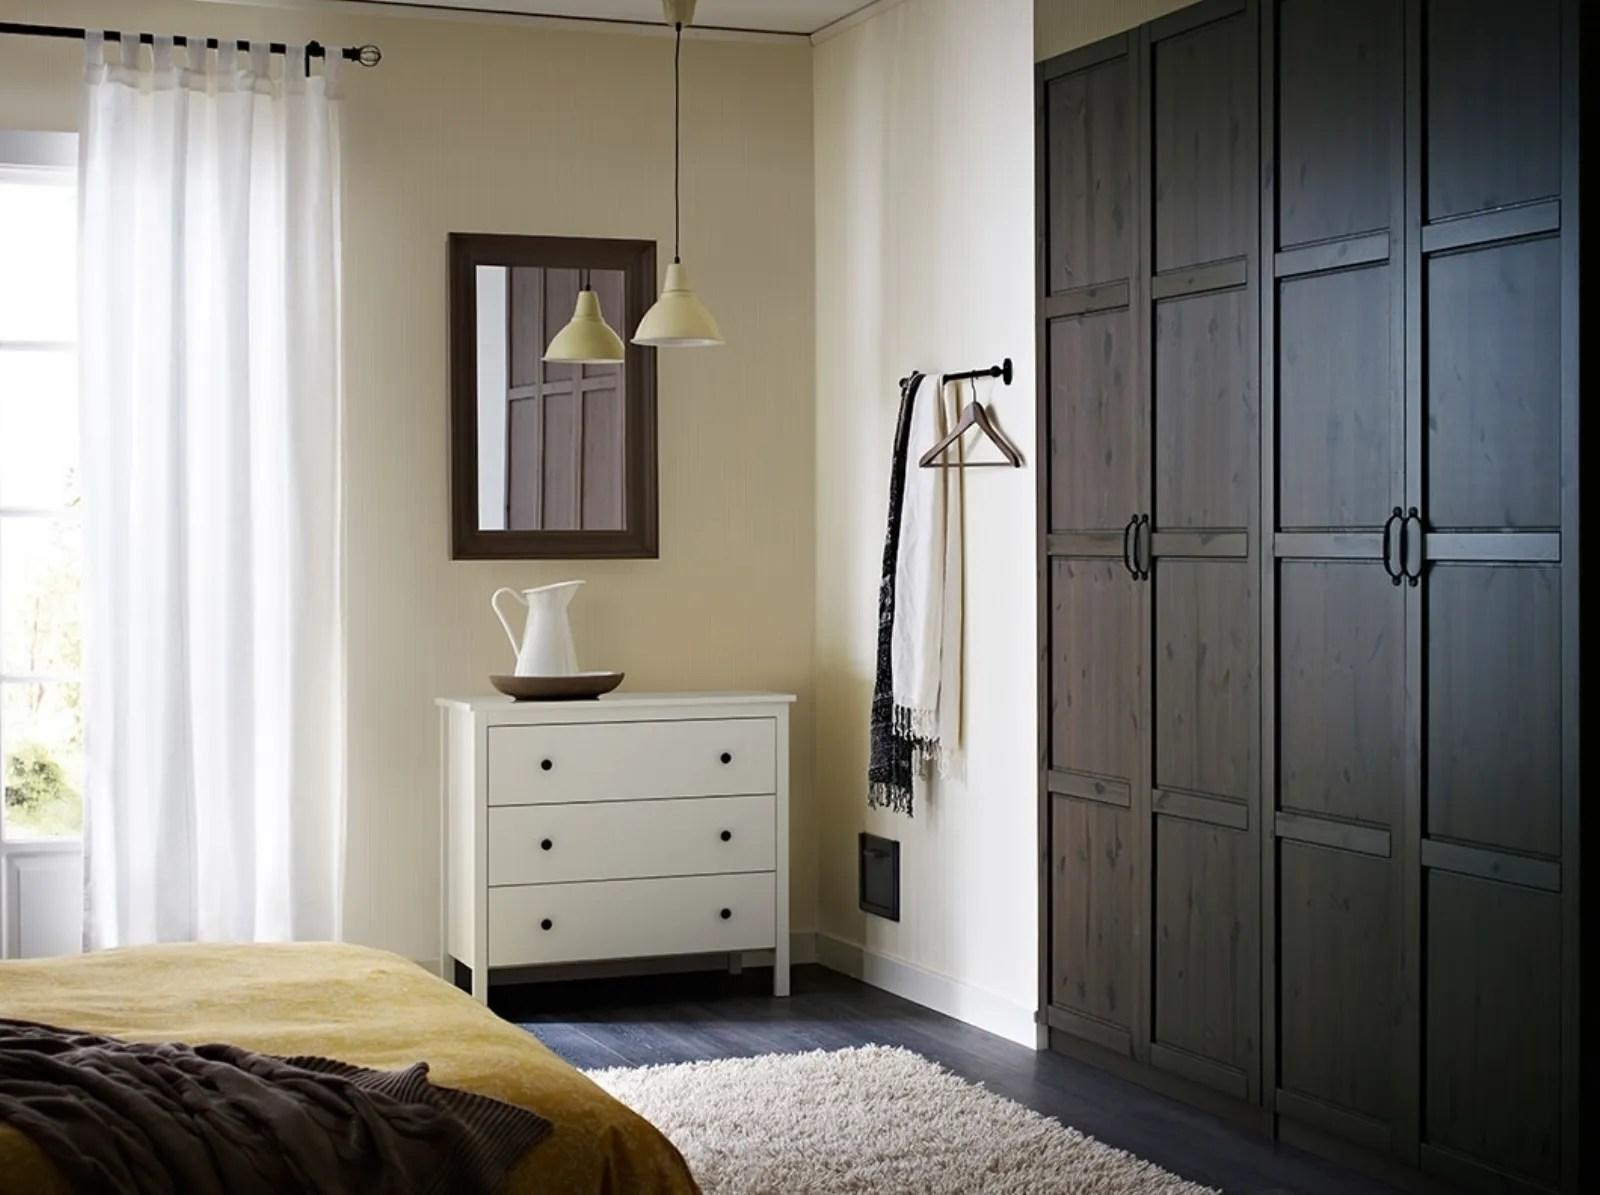 Foto ikea | camere da letto. Ikea Camera Da Letto Economica E Funzionale